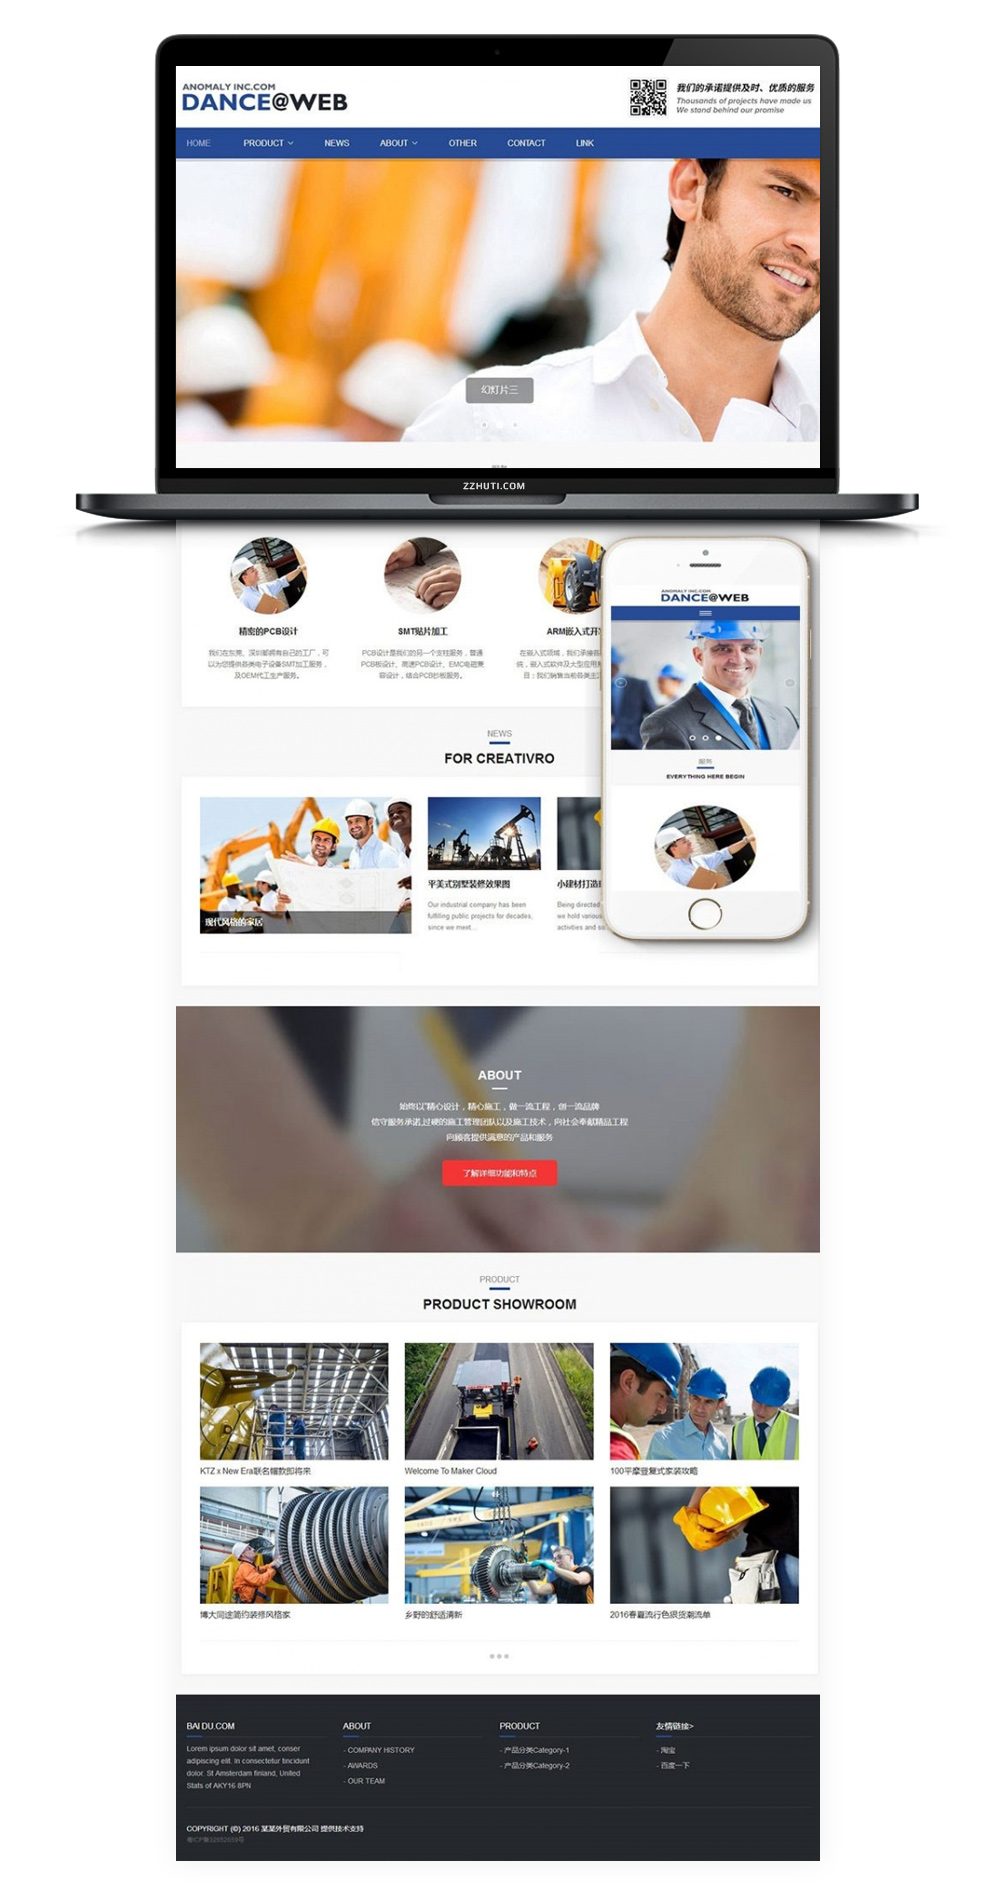 DEDECMS高端响应式外贸企业网站模版自适应手机-酷网站源码